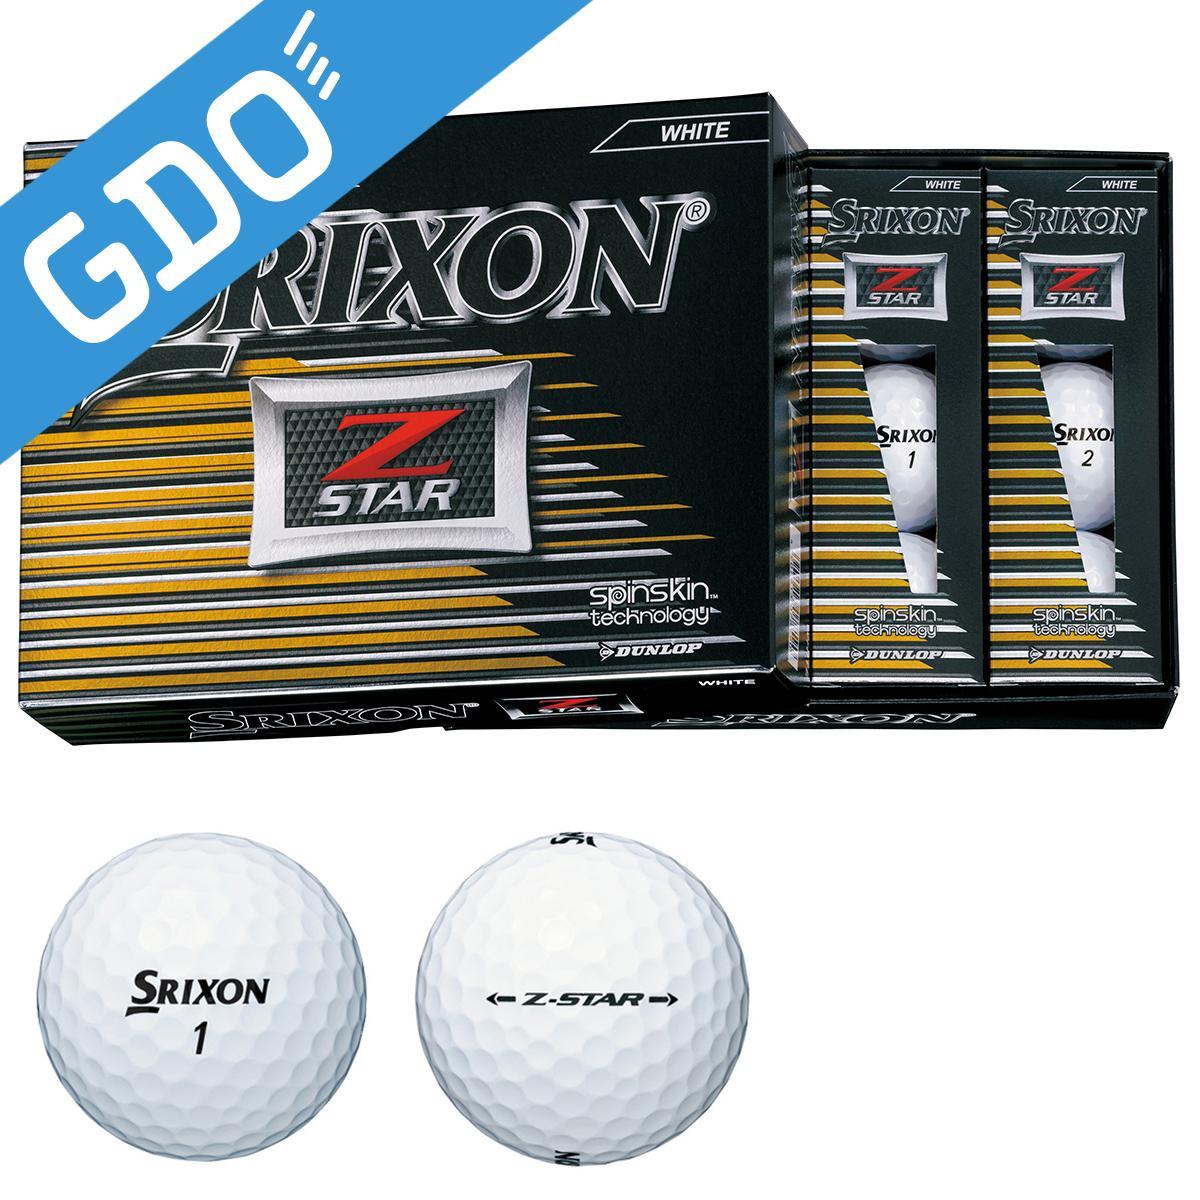 ダンロップ SRIXON Z-STAR ボール[ゴルフ用品 GOLF GDO ボール ゴルフボール プレゼント ギフト 通販 楽天]